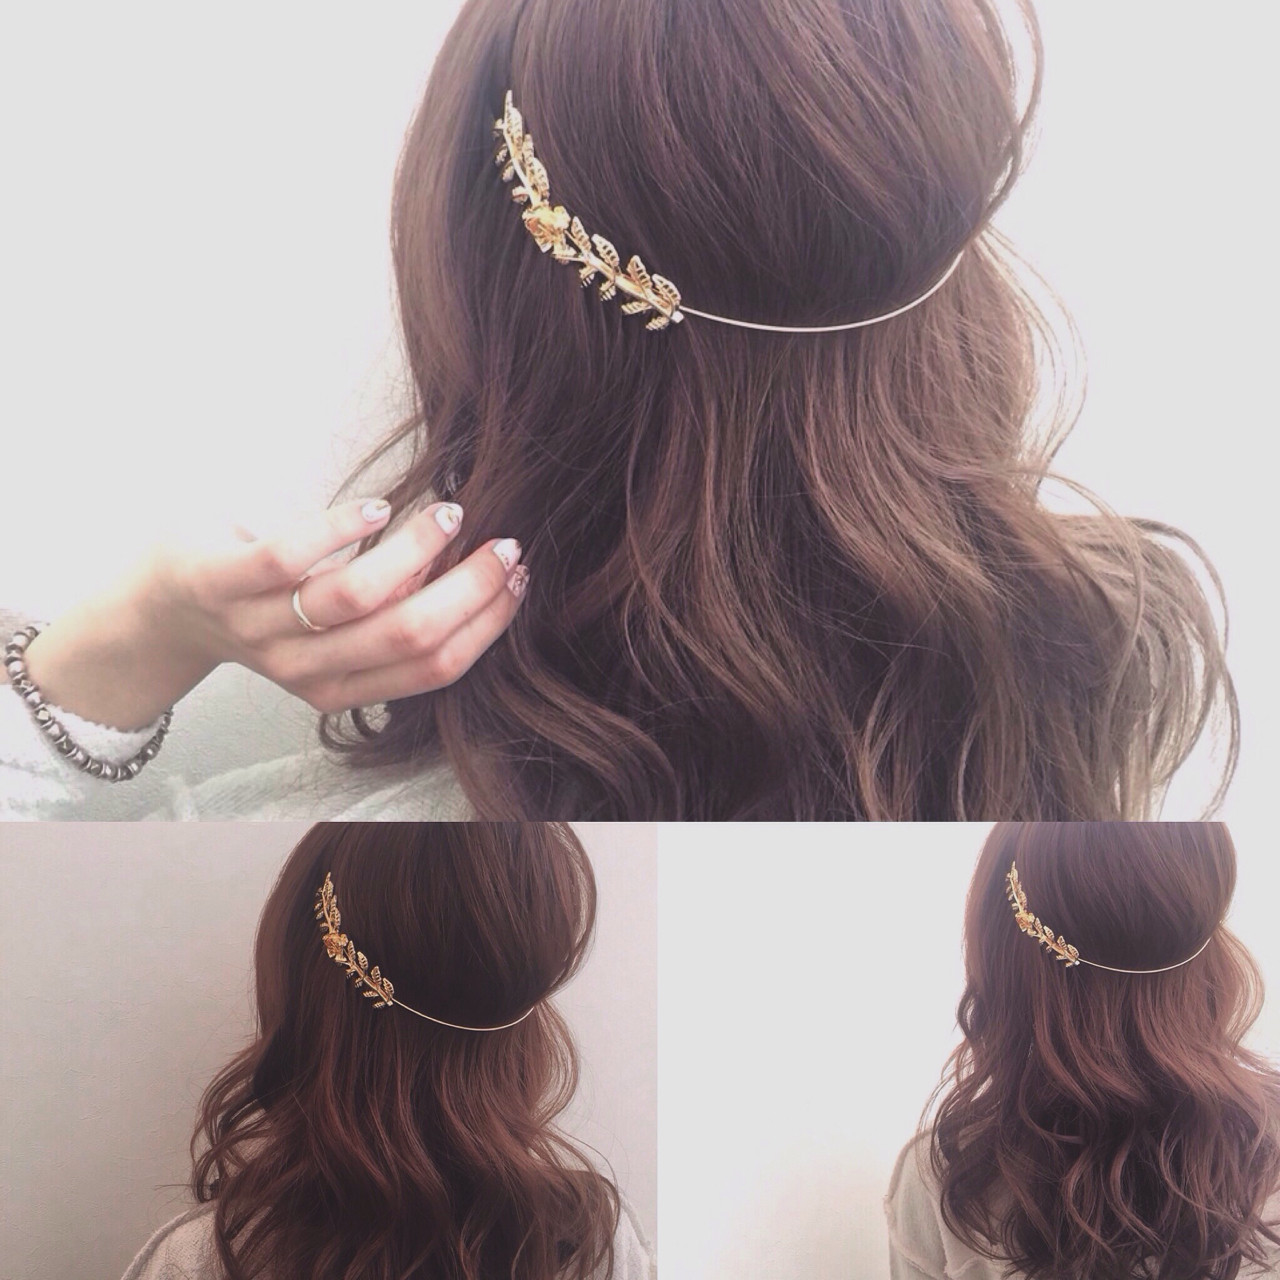 クリップ付きのバックカチューシャが便利 ryota kuwamura  函館/CALIF hair stor